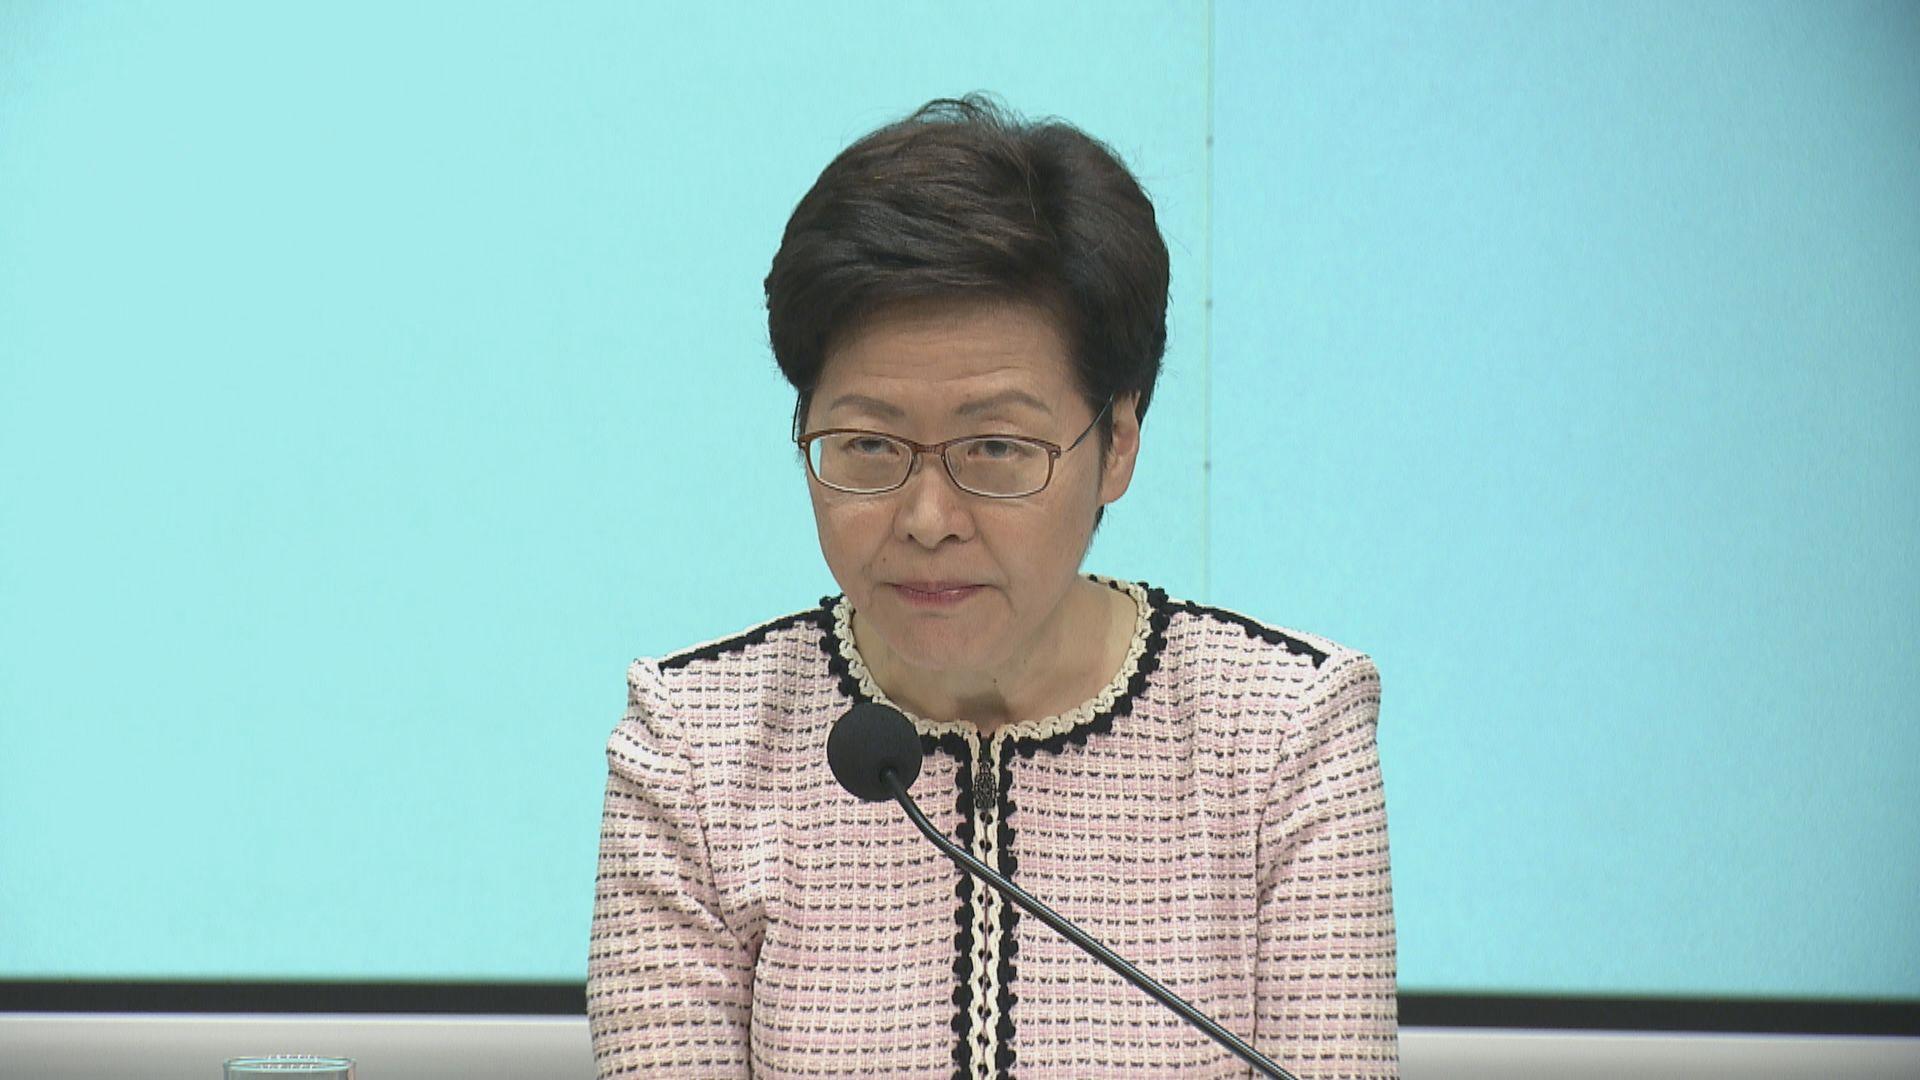 林鄭月娥:不排除不接種疫苗市民要面對較嚴格防疫限制